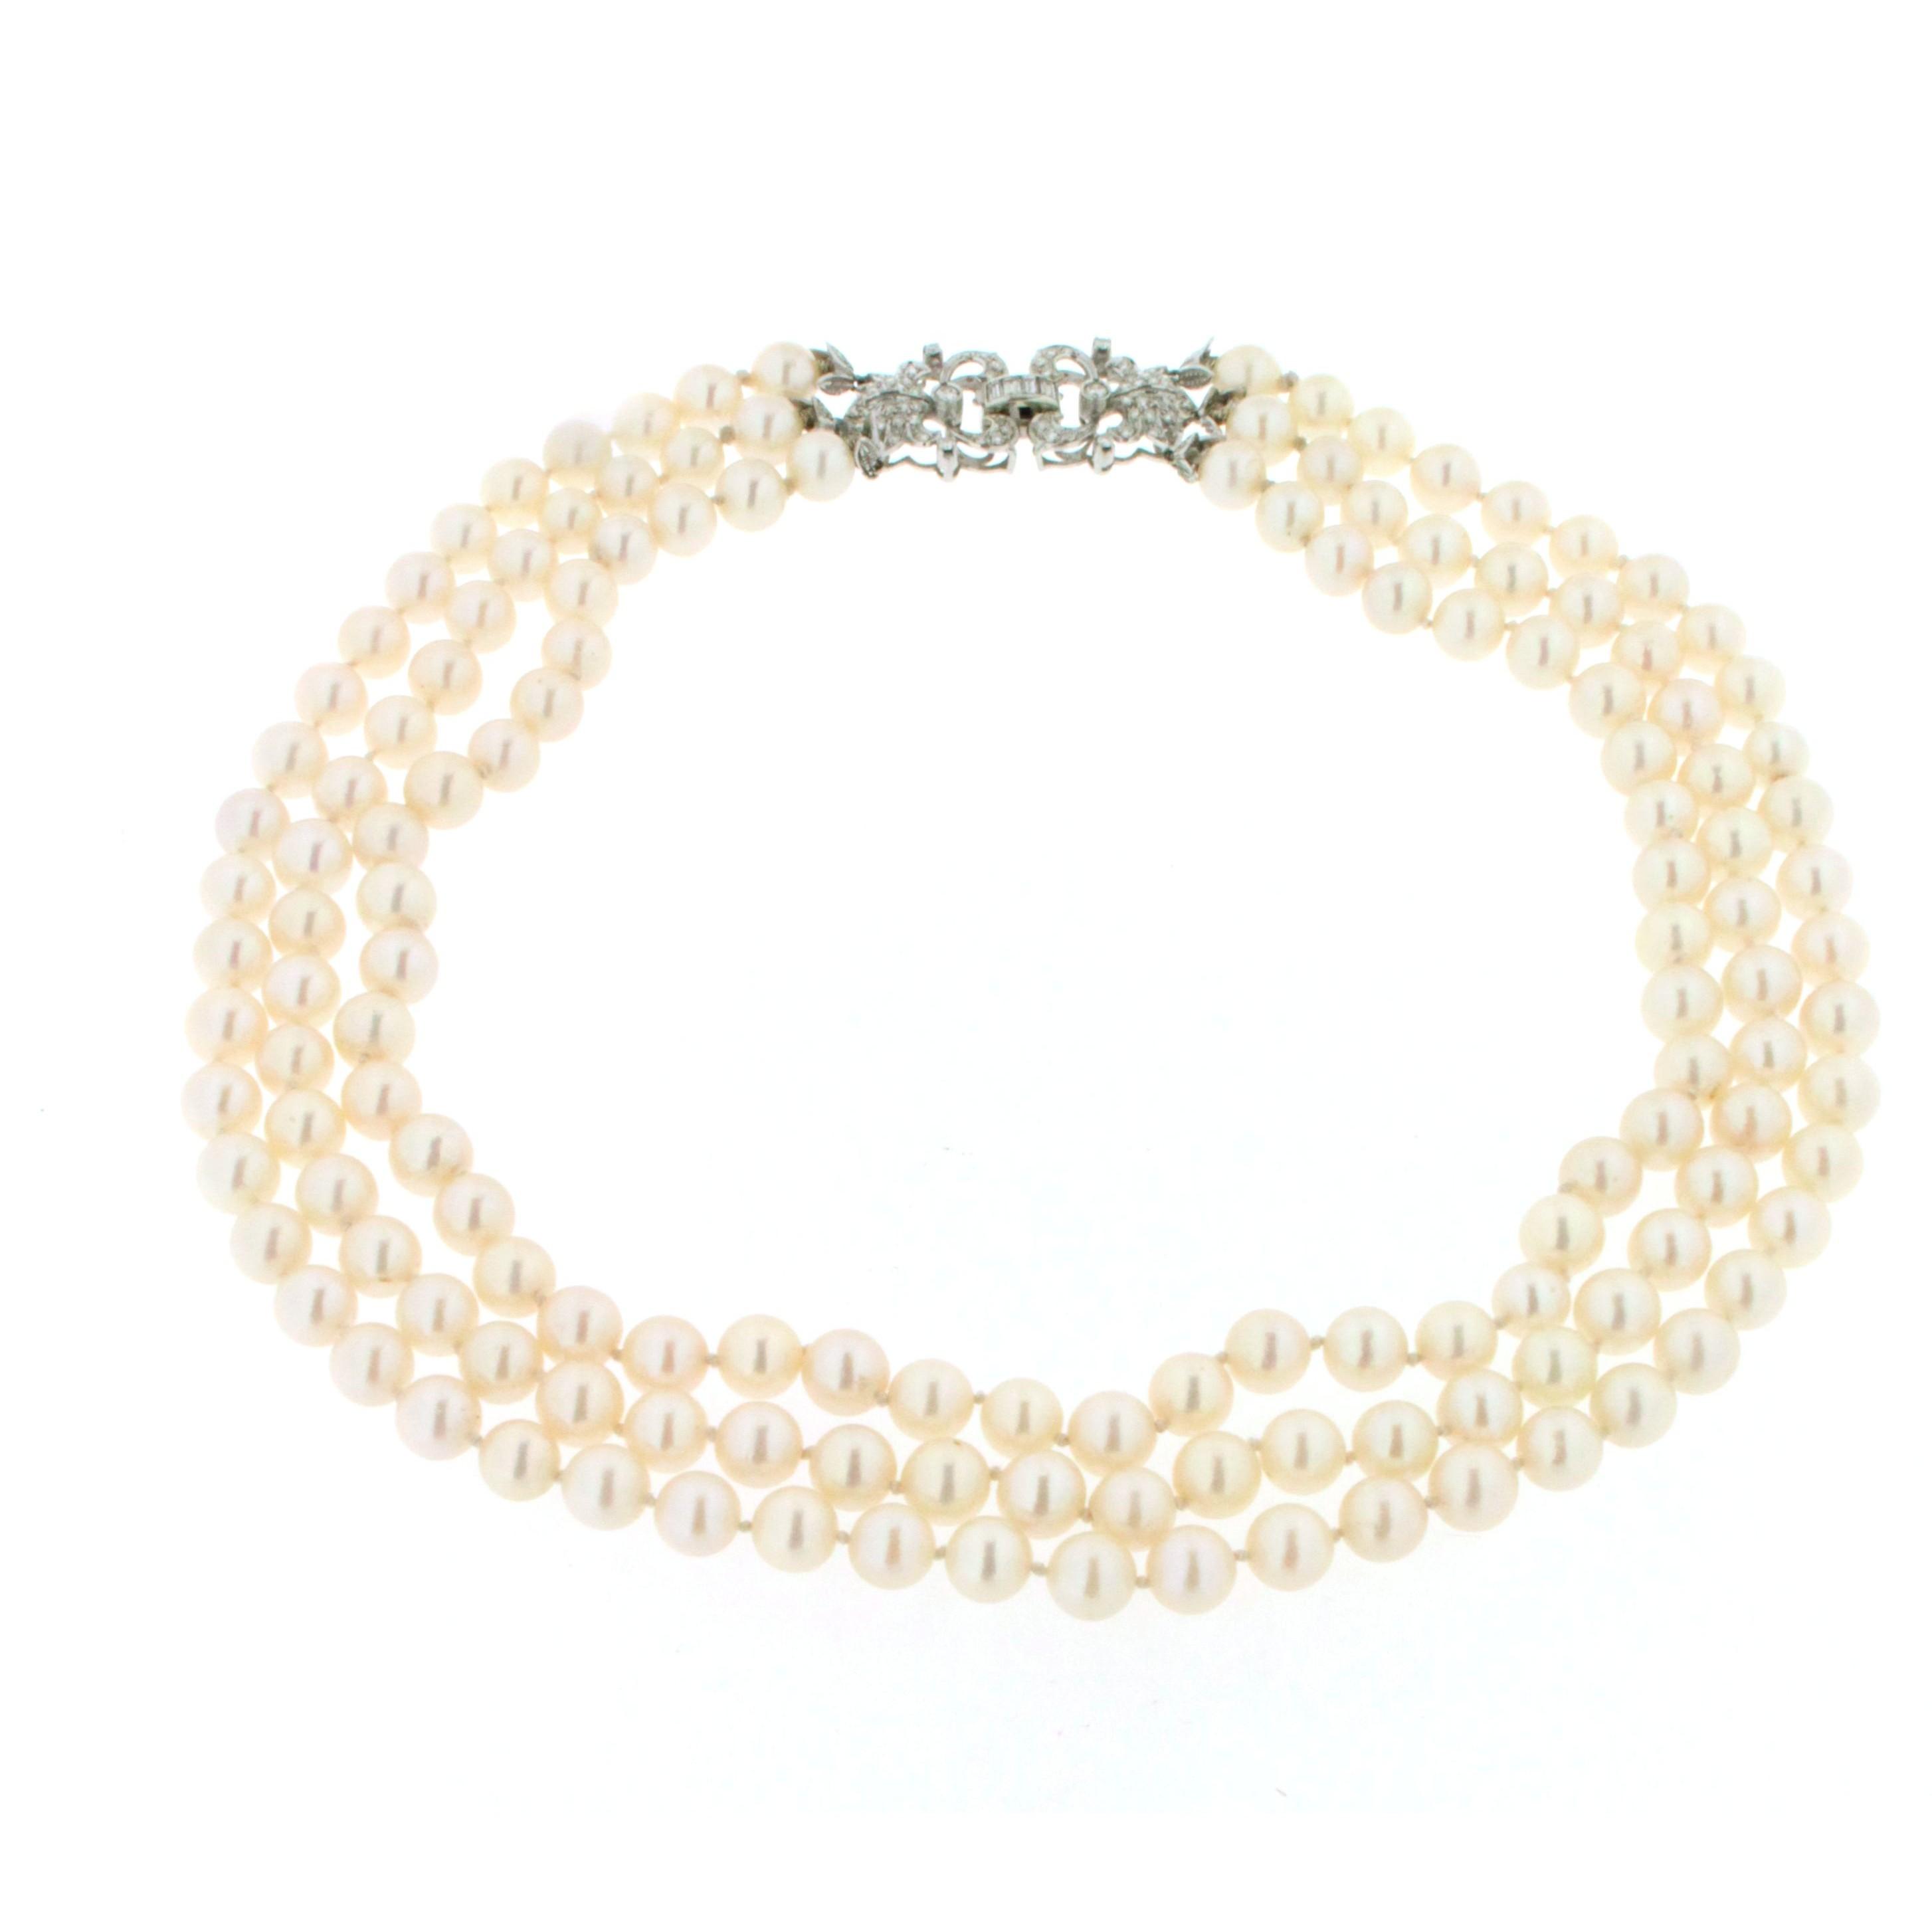 molto carino 2149f b02ed Collana di perle di mare con chiusura in oro bianco e diamanti.